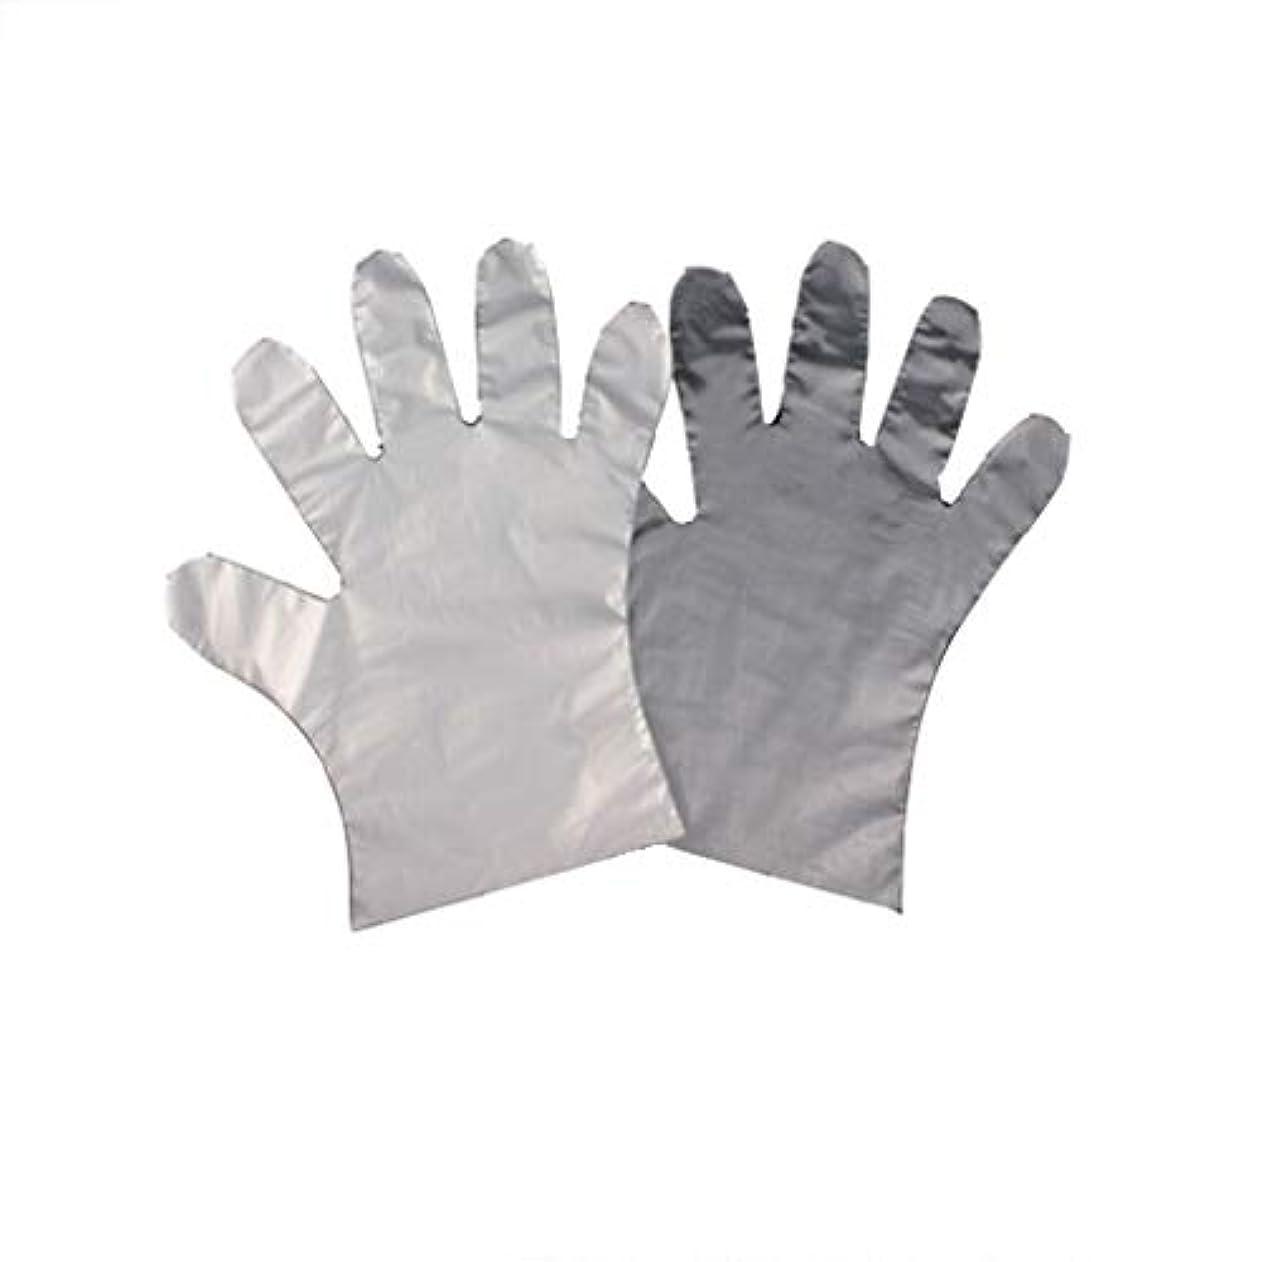 サンプル時スケート手袋、使い捨てPE手袋、食品の肥厚、透明な2つのオープンポケット-600のみ。